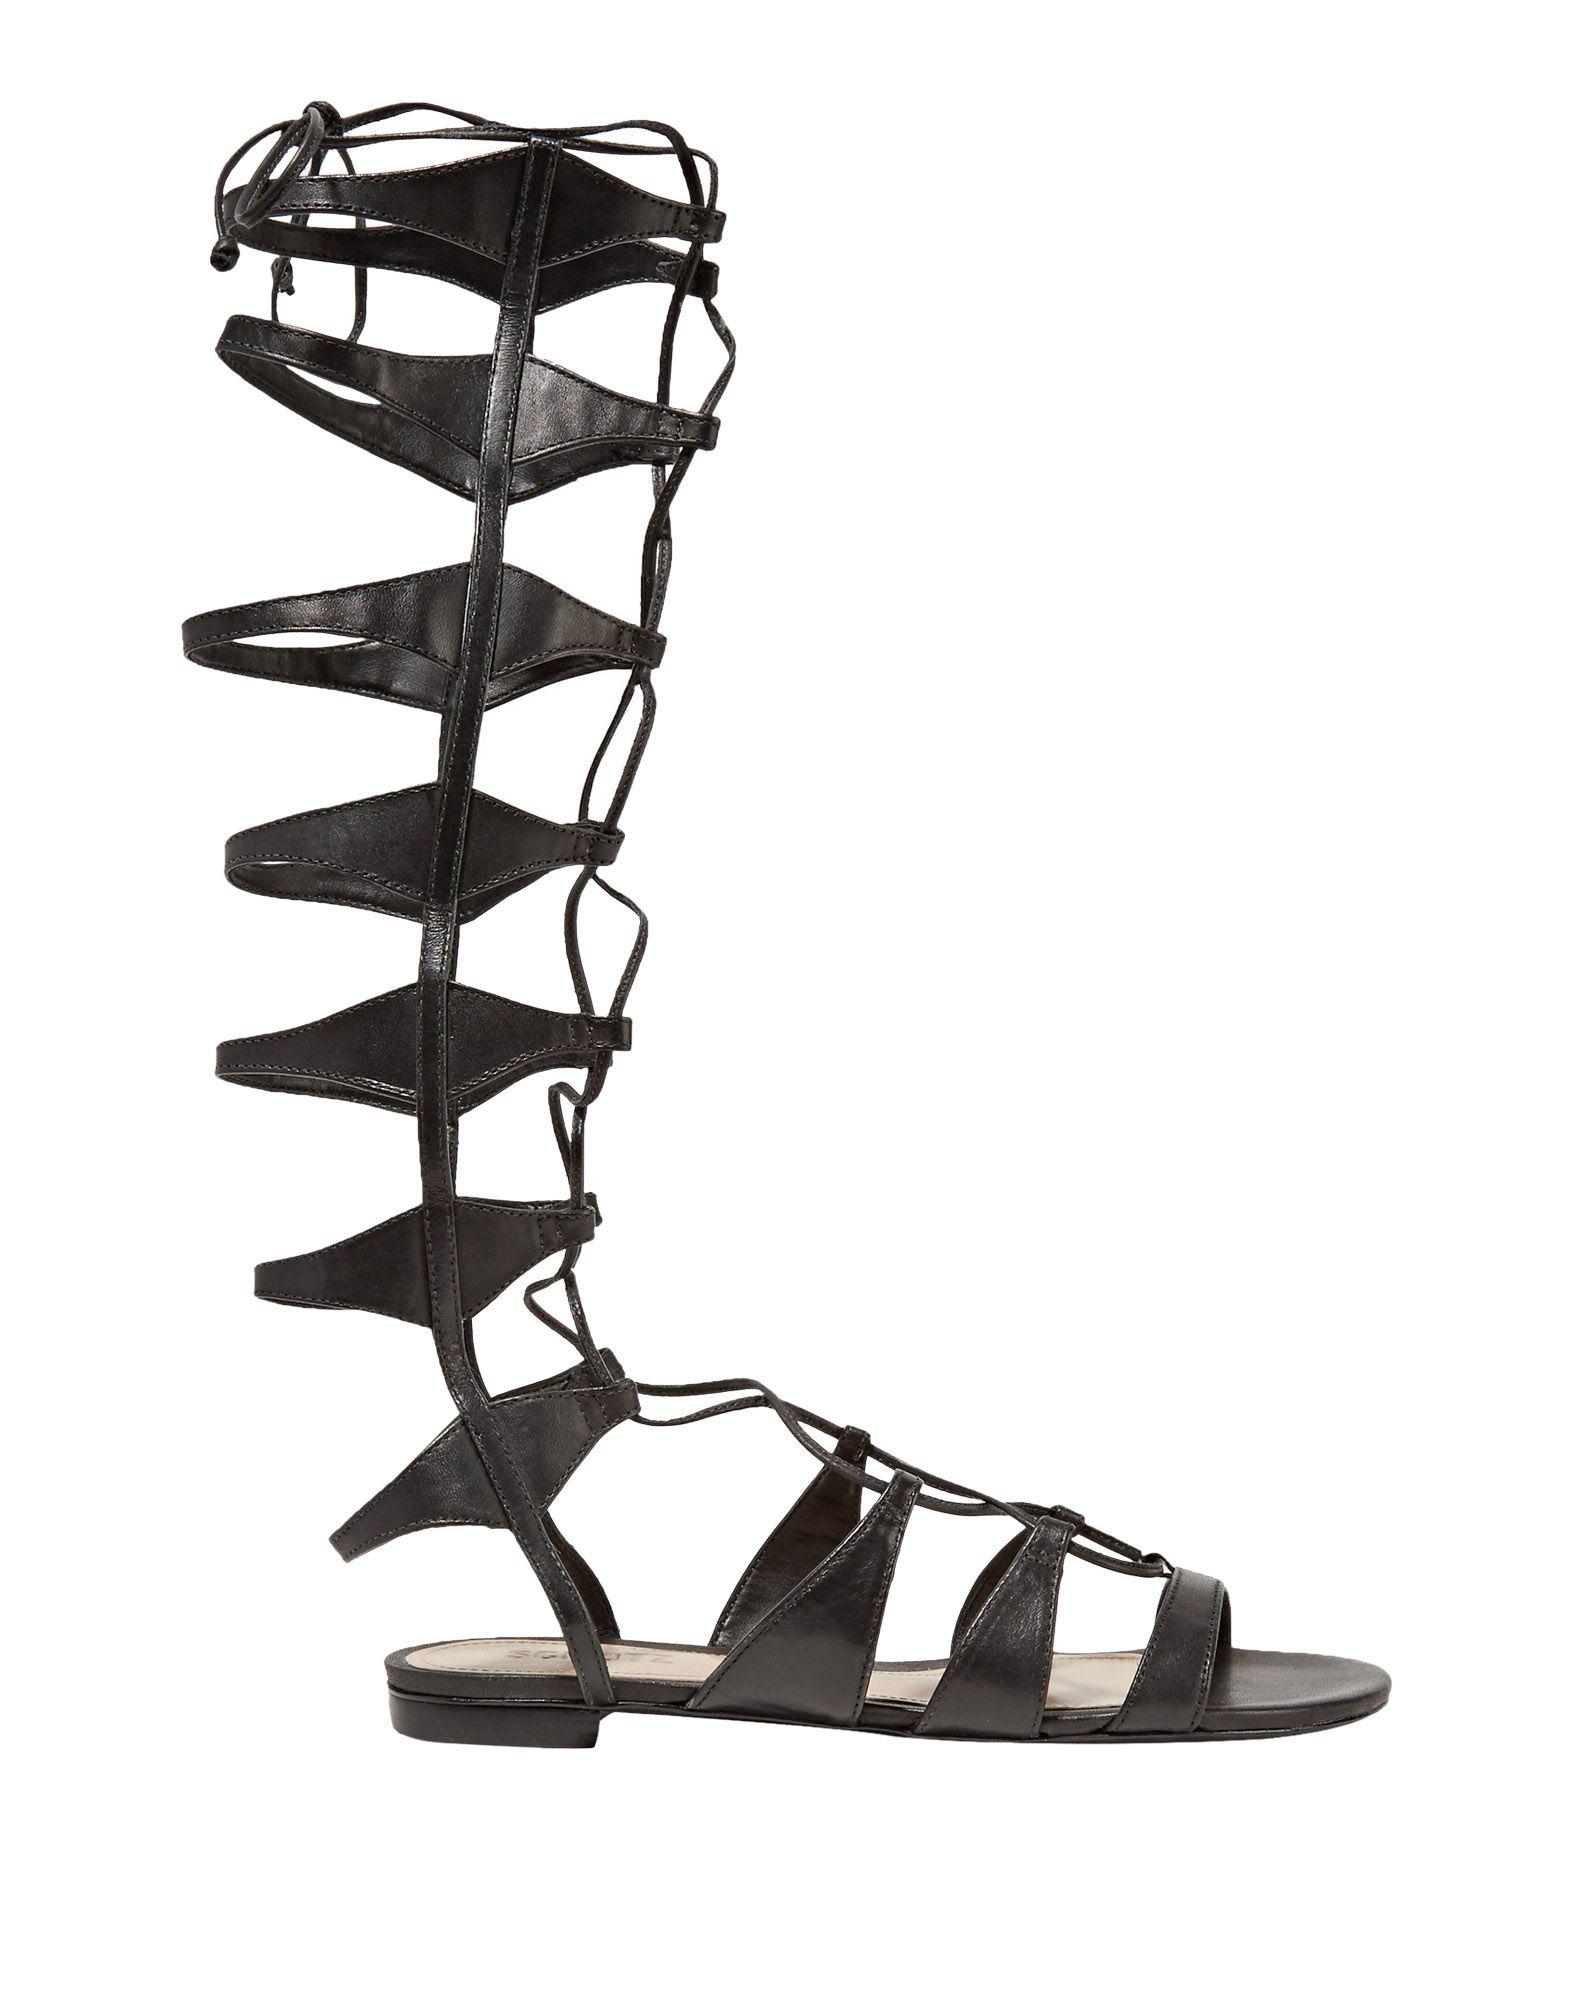 Schutz Sandals - Women  Schutz Sandals online on  Women United Kingdom - 11128687MK 3b26f9